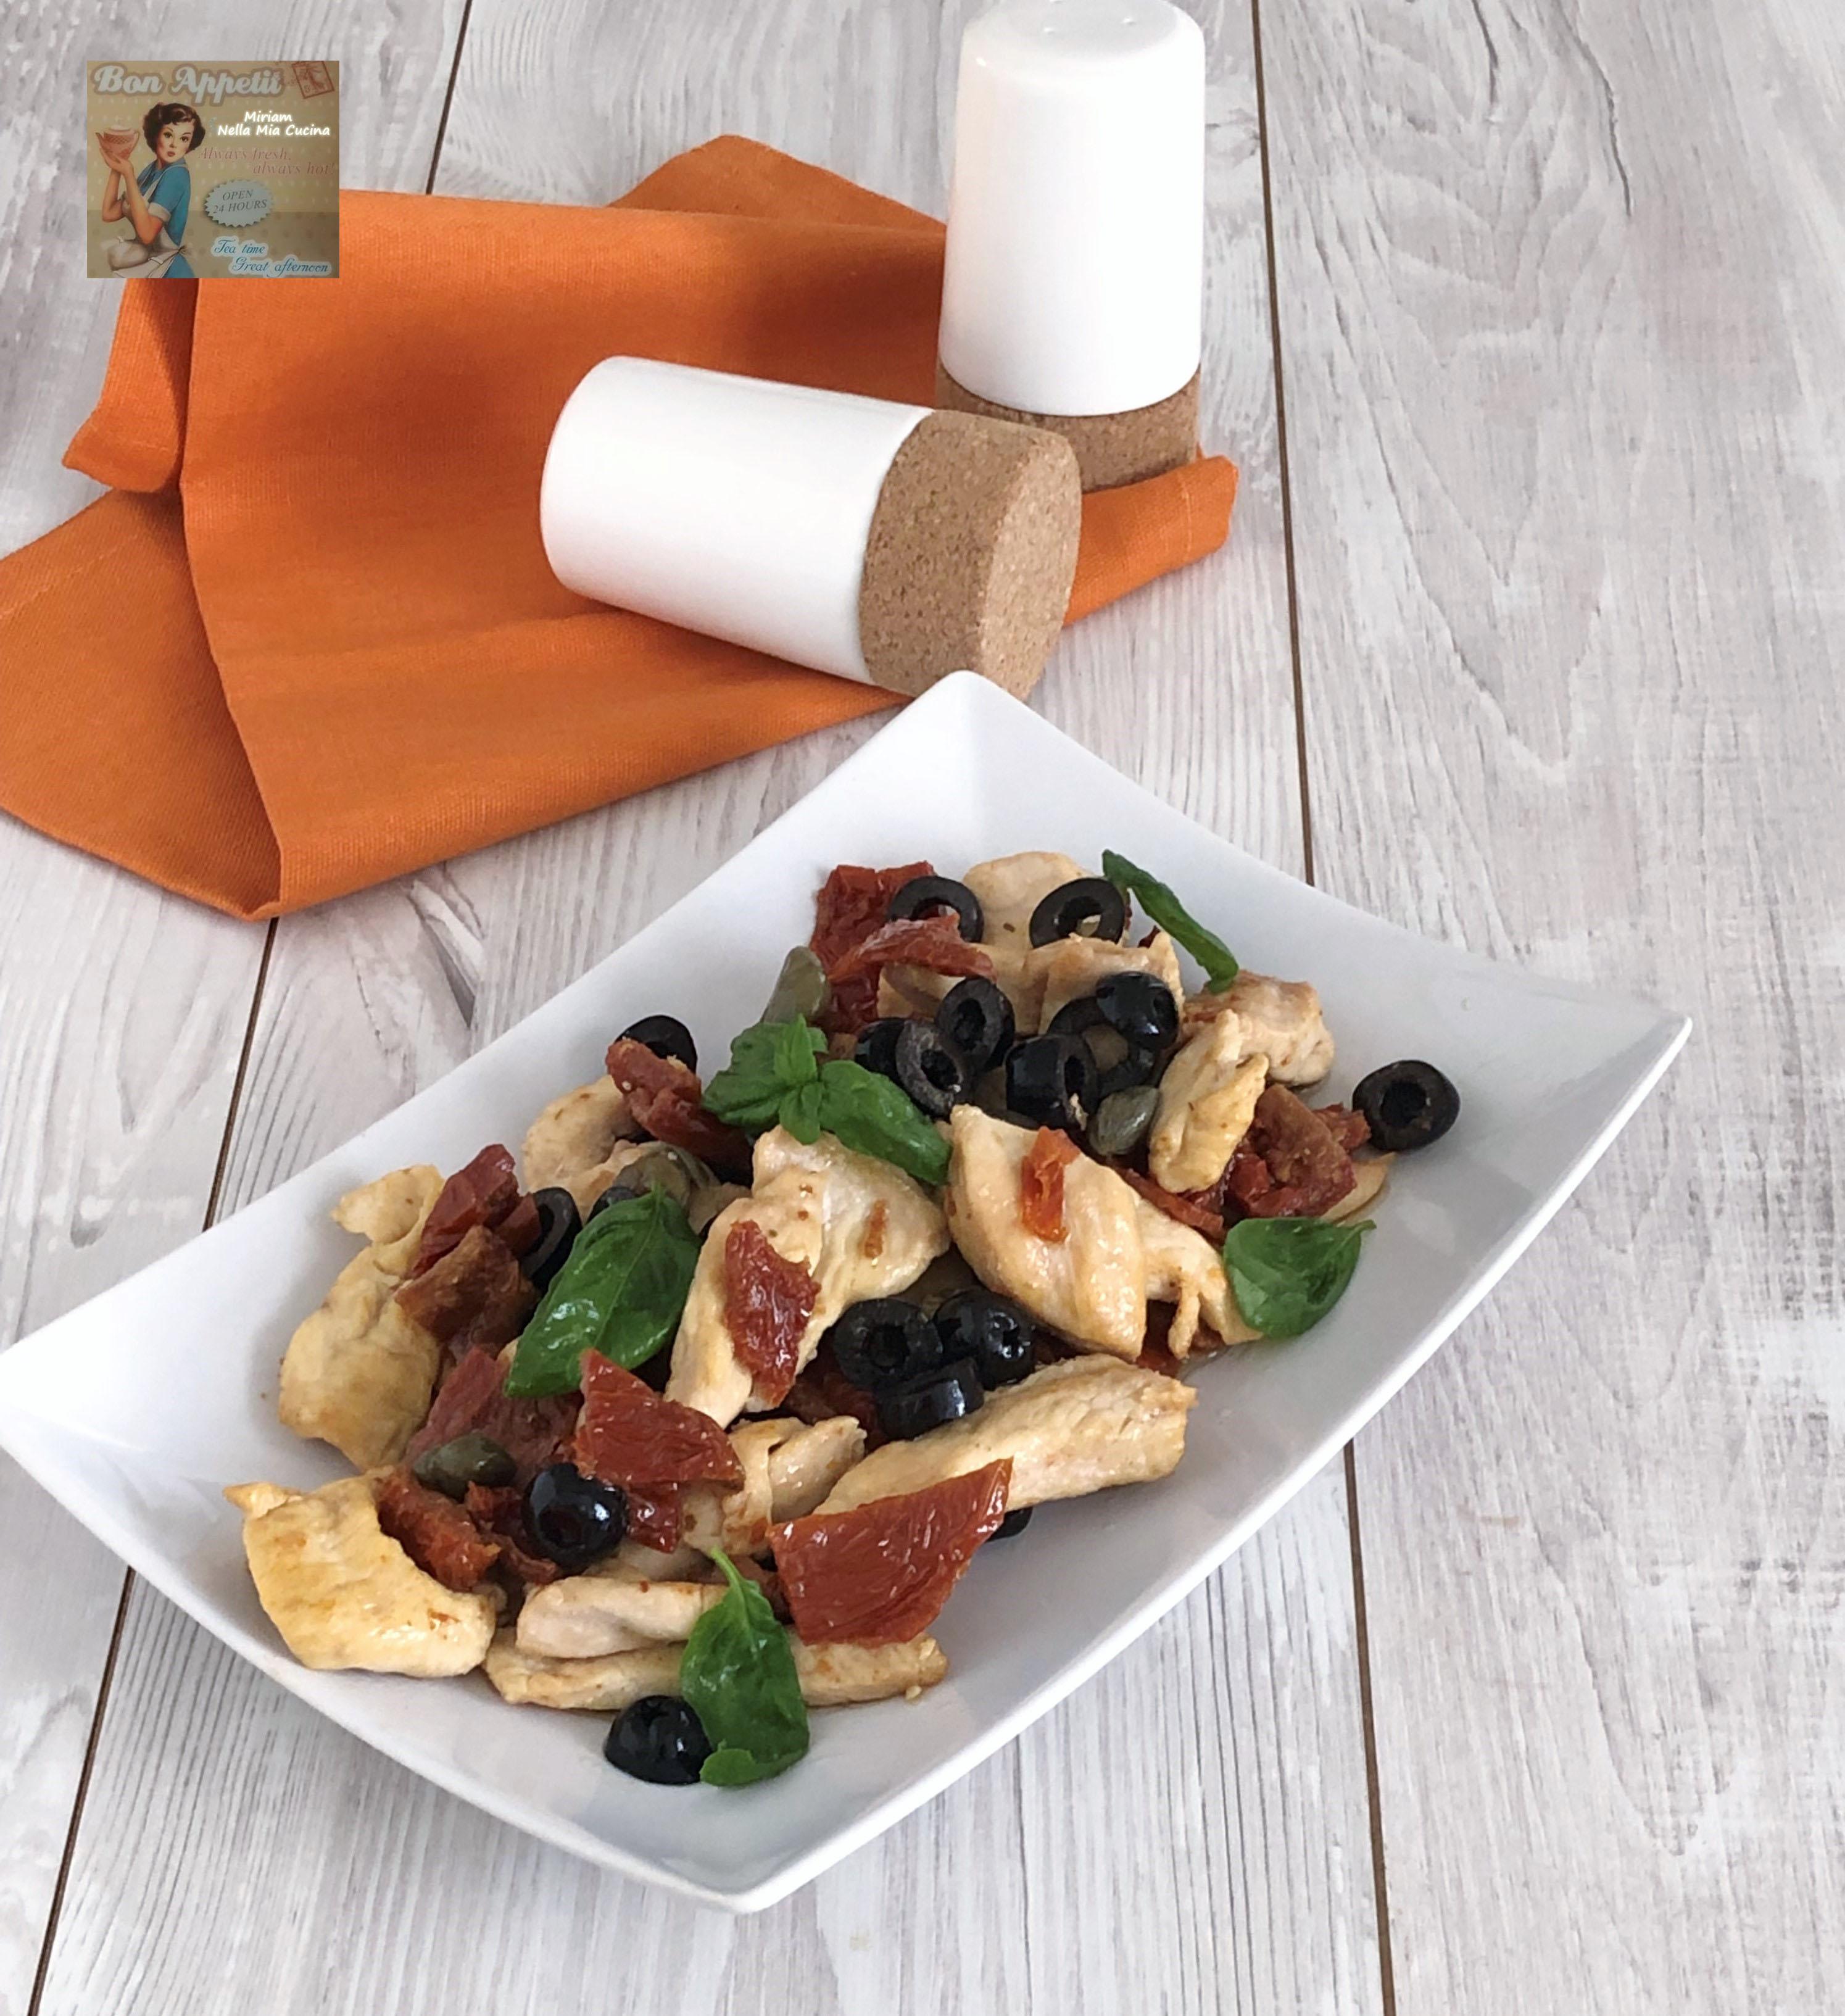 Bocconcini con pomodoro secchi , olive e capperi